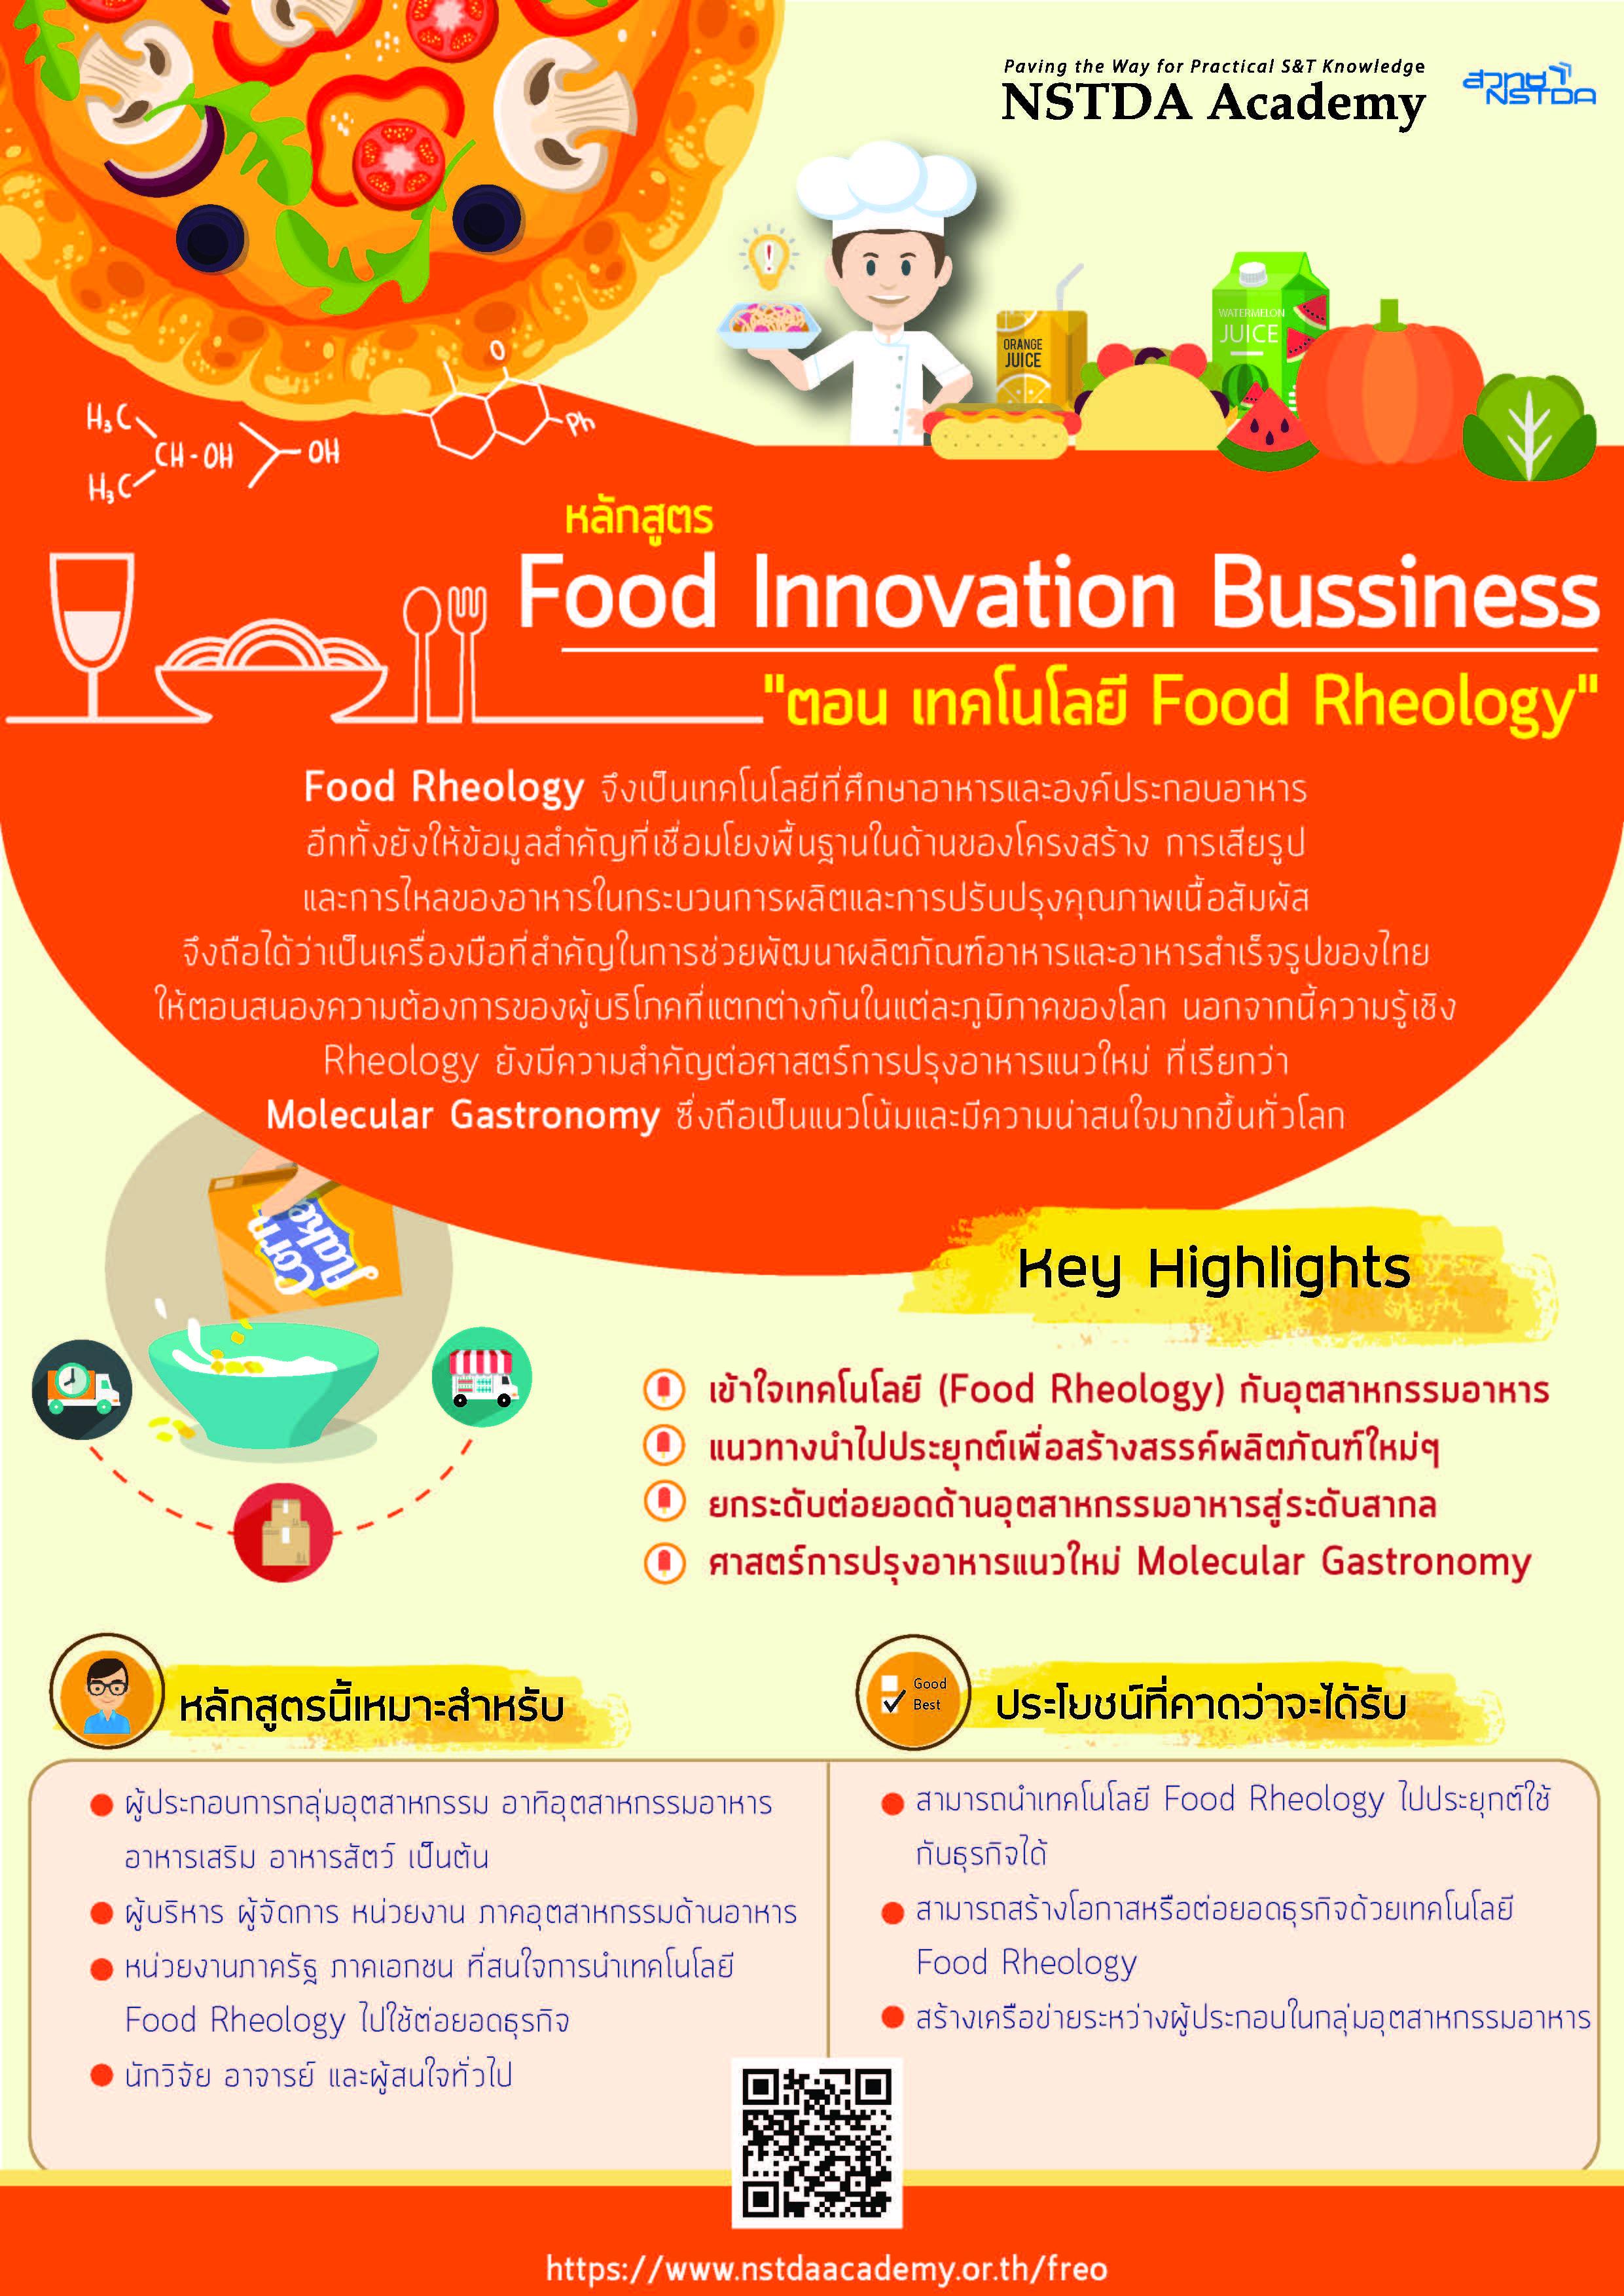 """หลักสูตร Food Innovation Business """"ตอน เทคโนโลยี Food Rheology"""""""